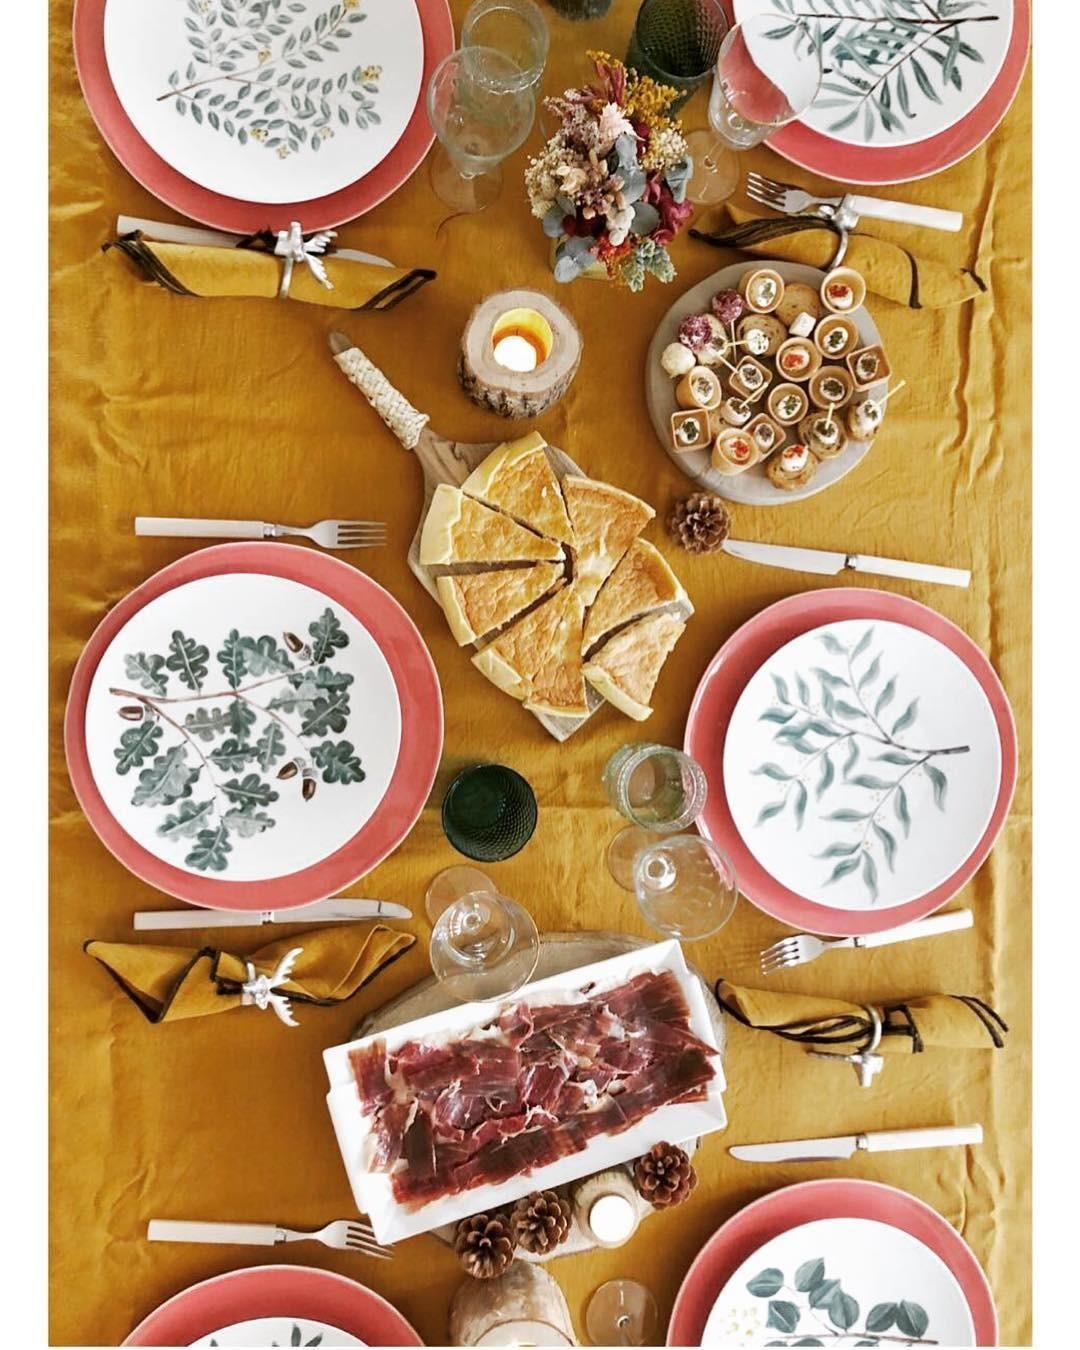 Яркая оранжевая скатерть прекрасно сочетается с красной посудой и мясной нарезкой, а также растительными мотивами на тарелках.